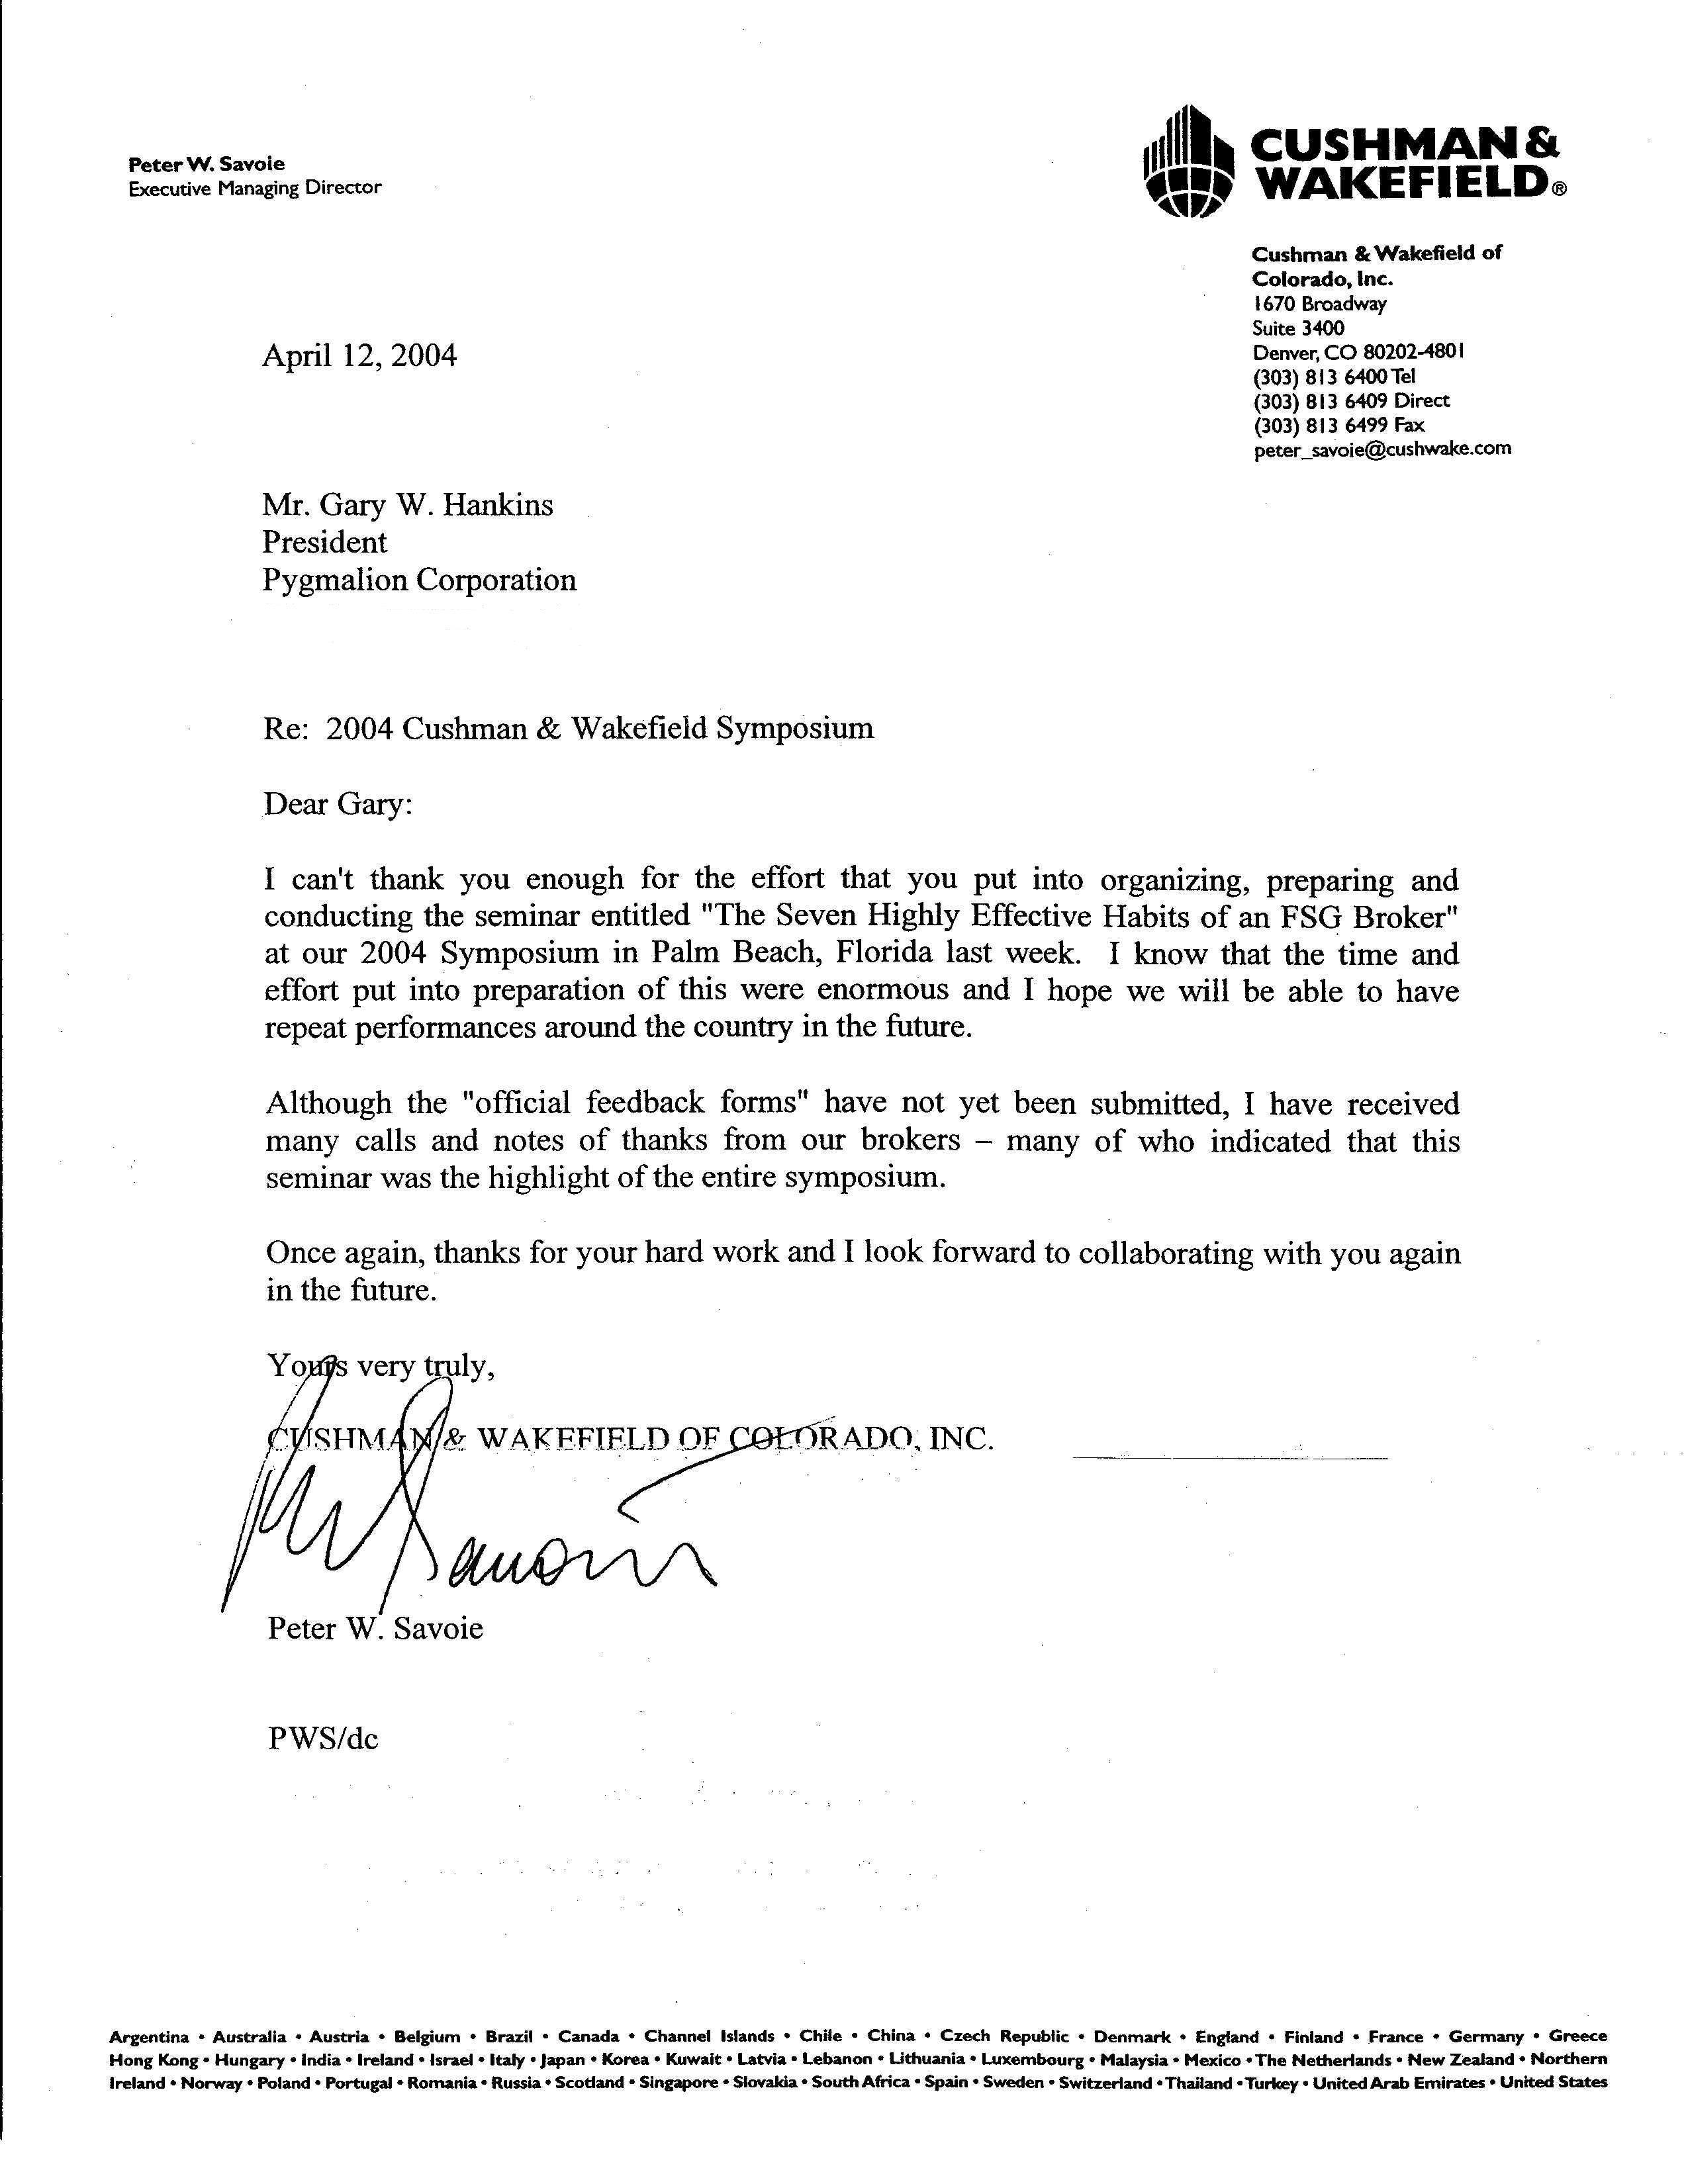 cover letter for deloitte audit